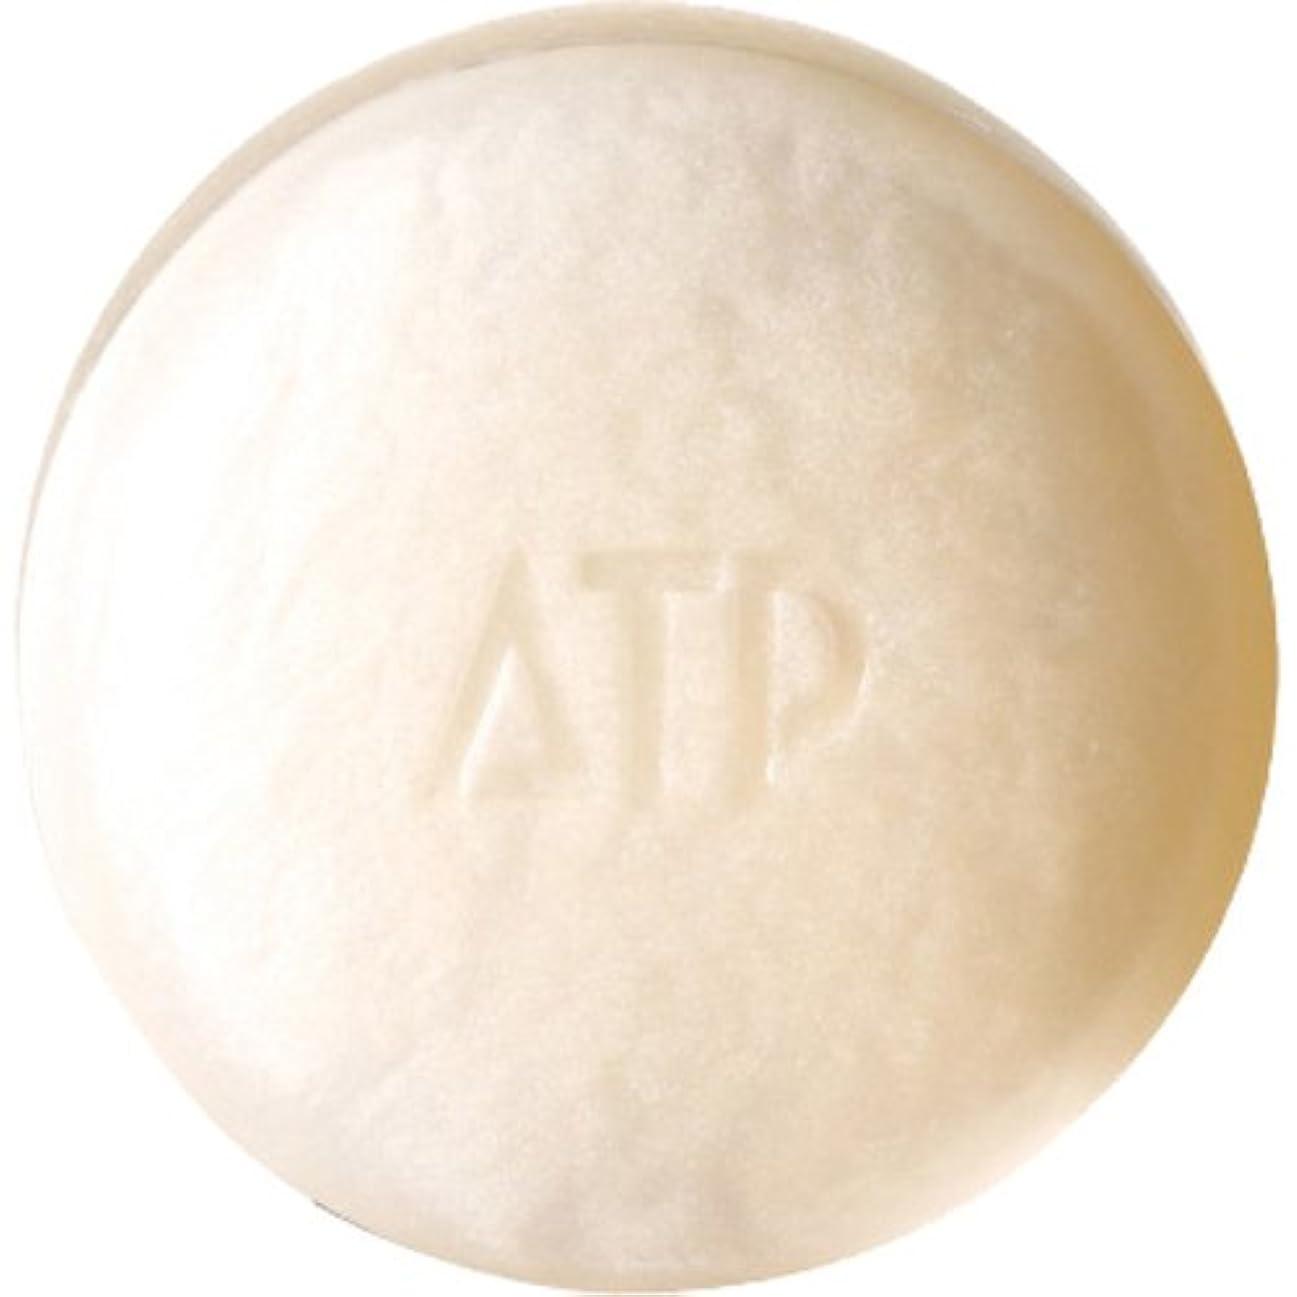 薬用ATP デリケアソープ 100g ケースなし (全身用洗浄石けん?枠練り) [医薬部外品]